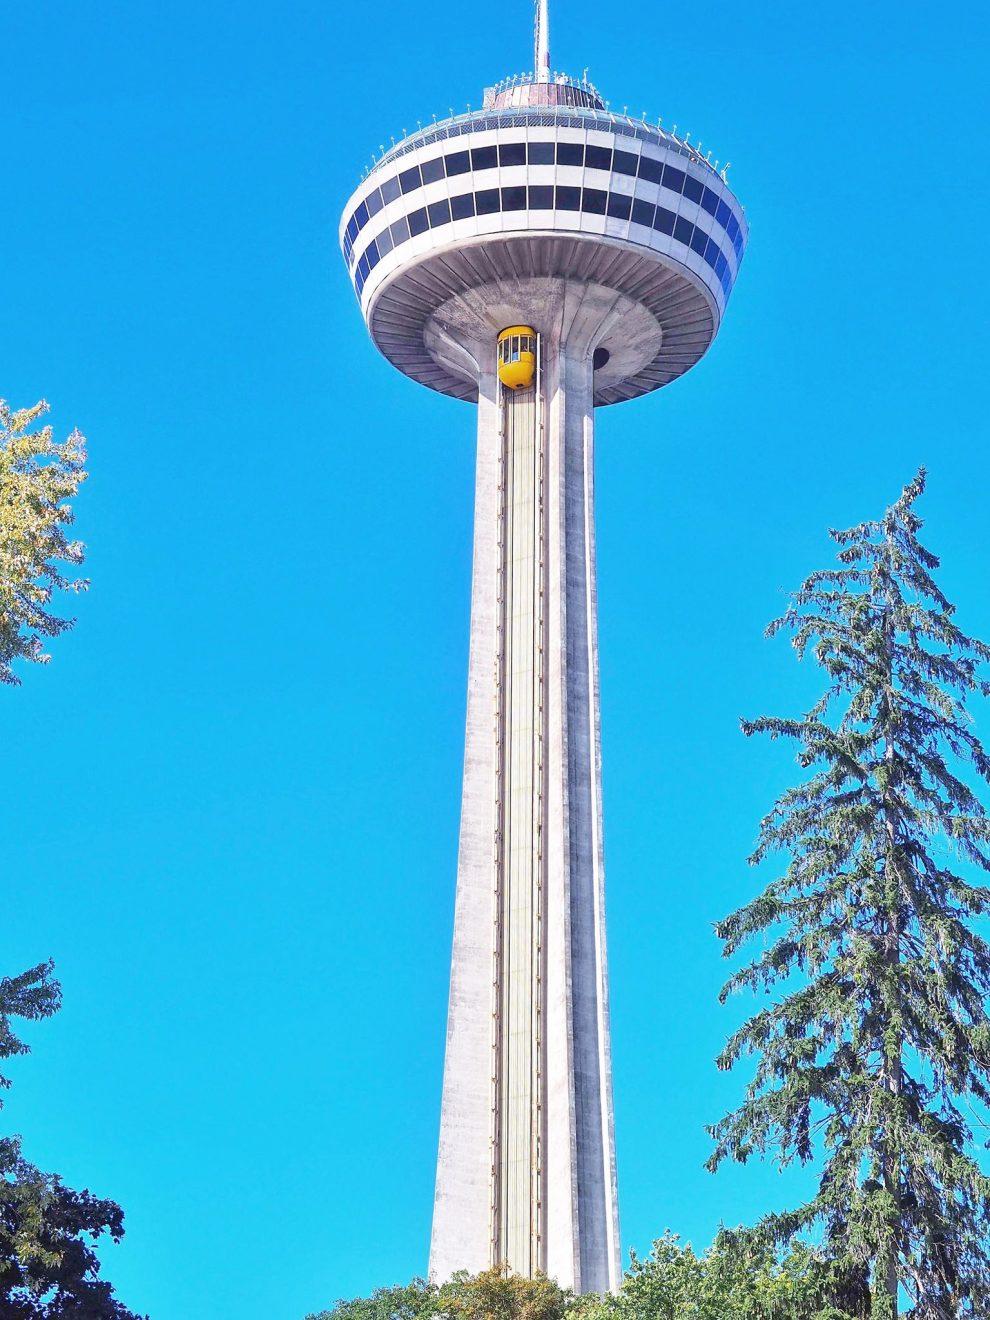 een bezoek aan de Niagara watervallen, tips. Niagara Falls. Skylon Tower